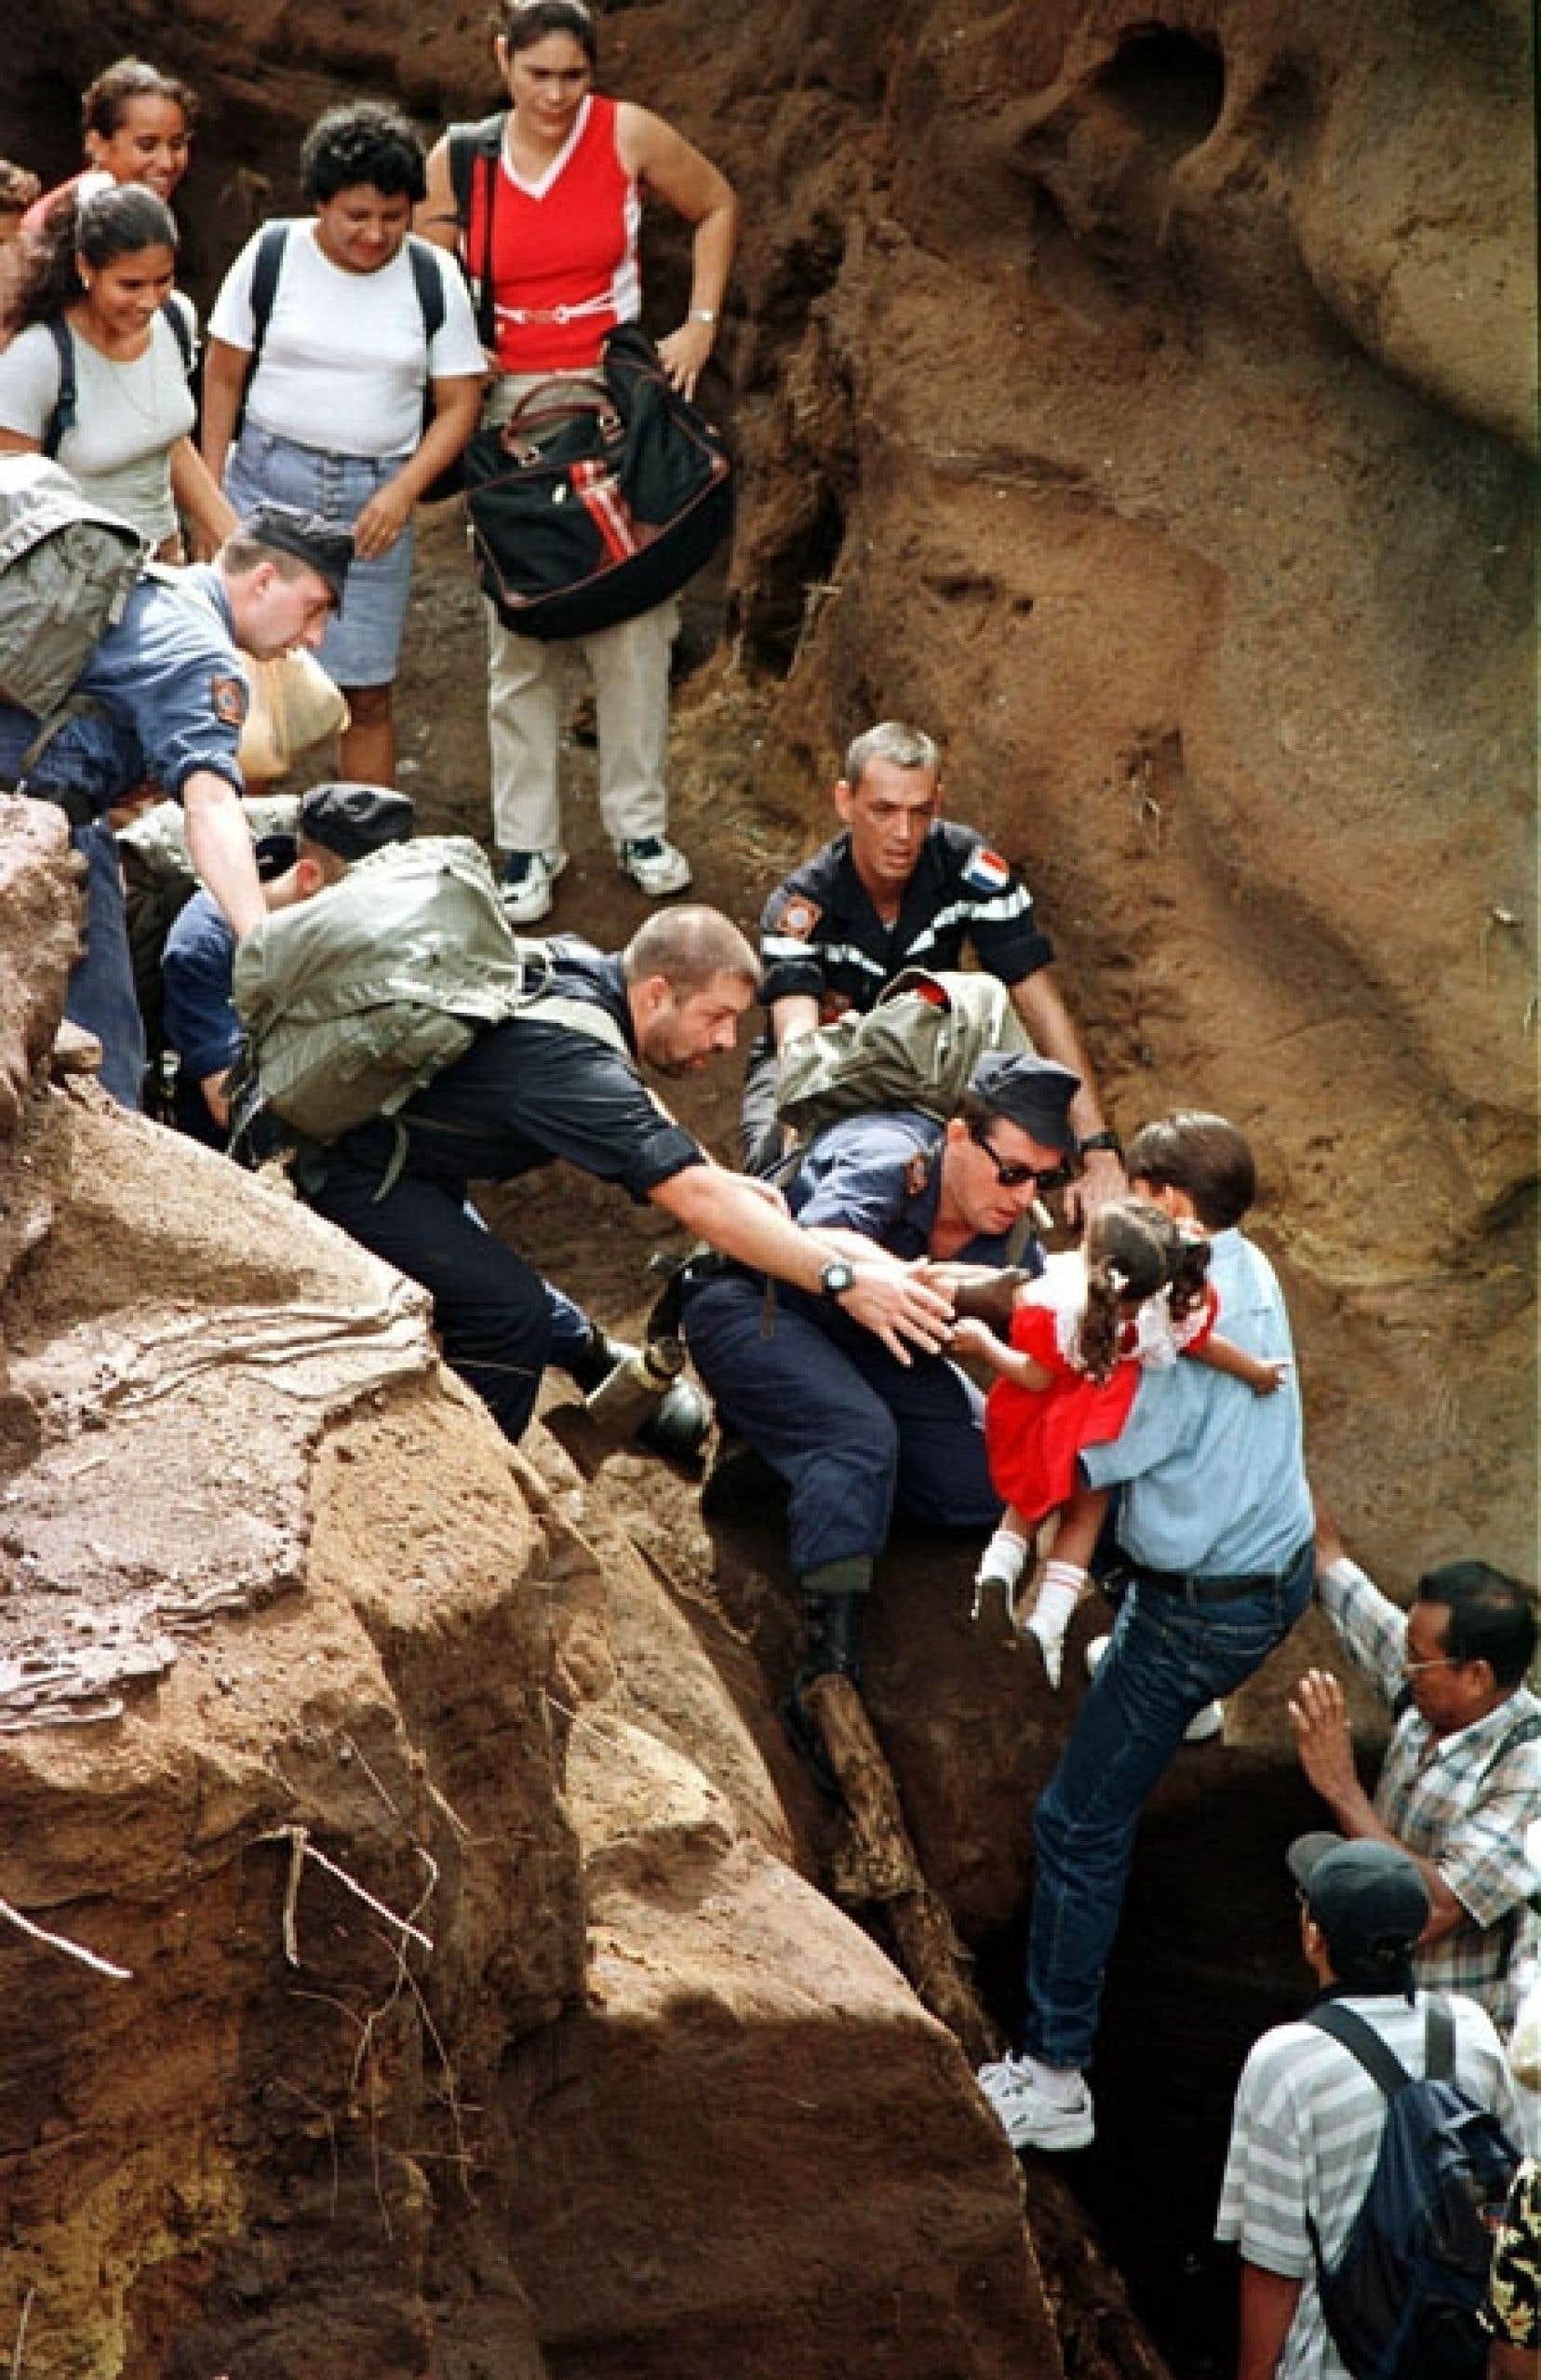 Paul Cliche croit en l'organisation des populations civiles pour influencer les politiques du futur. Il donne un exemple datant de 1998, quand l'ouragan Mitch avait frappé l'Amérique centrale. «Dans toutes les régions où on avait travaillé dans les années antérieures et où les populations étaient organisées, il n'y a pas eu de mortalité.»